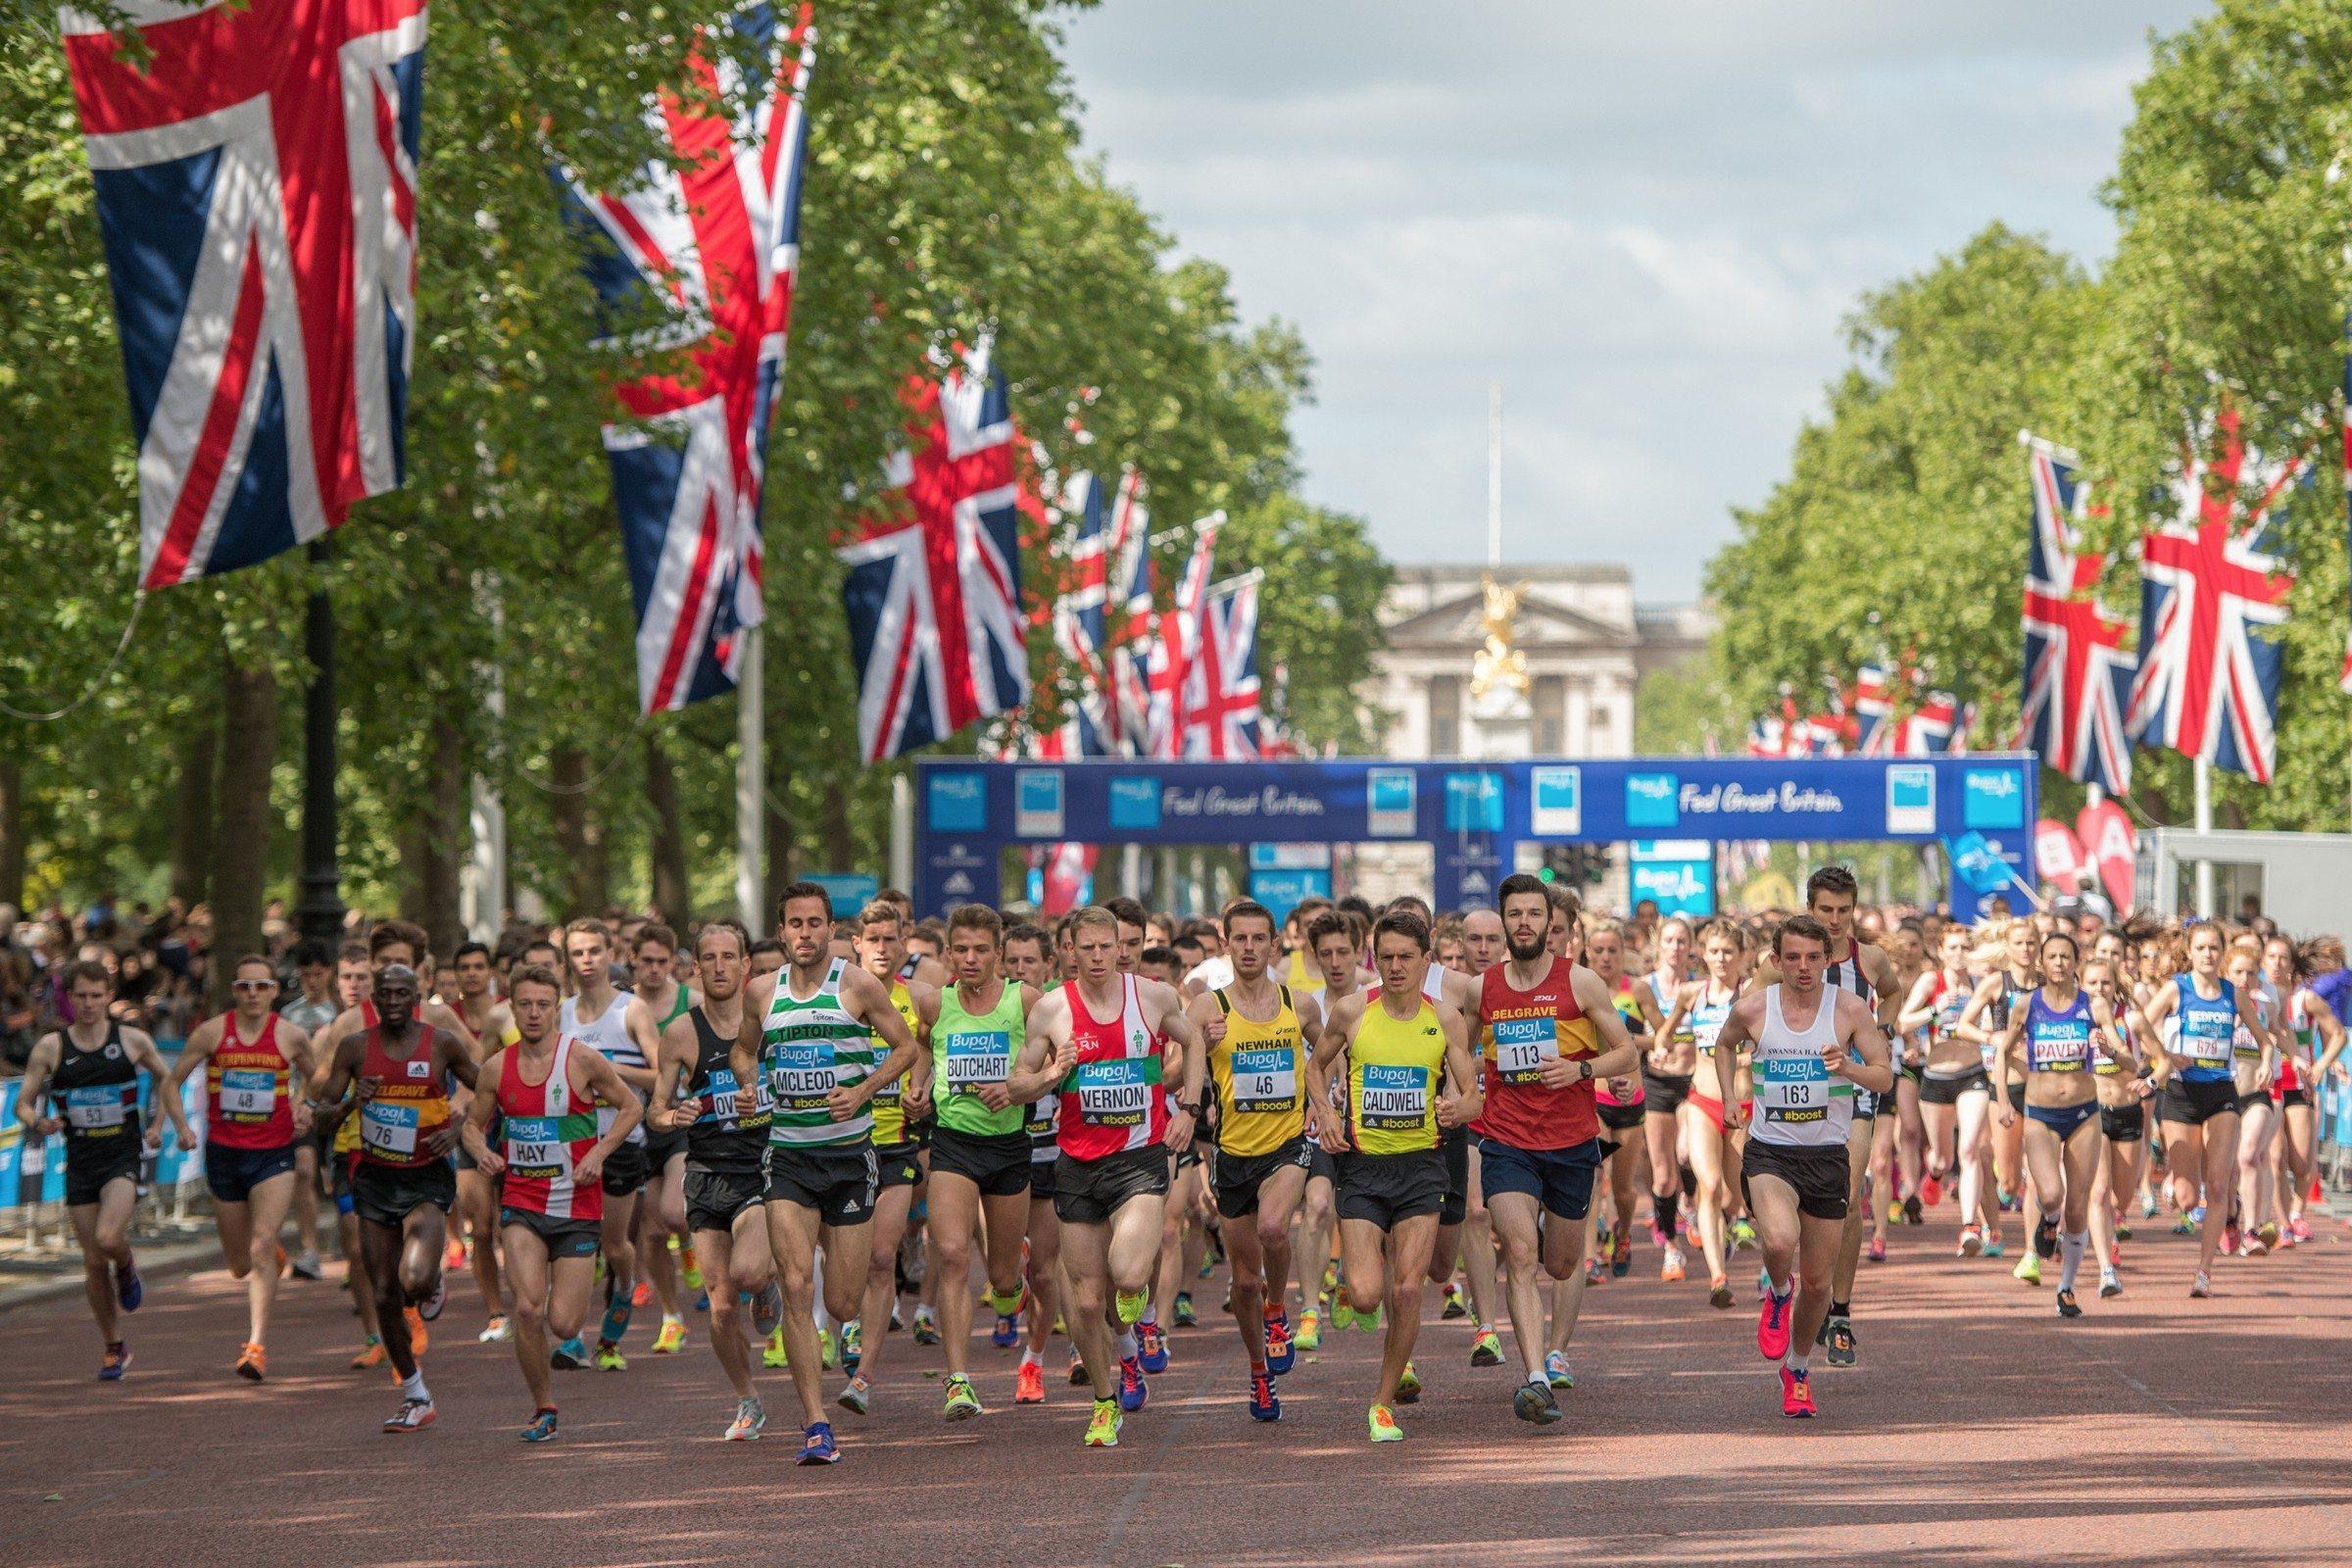 London 10,000